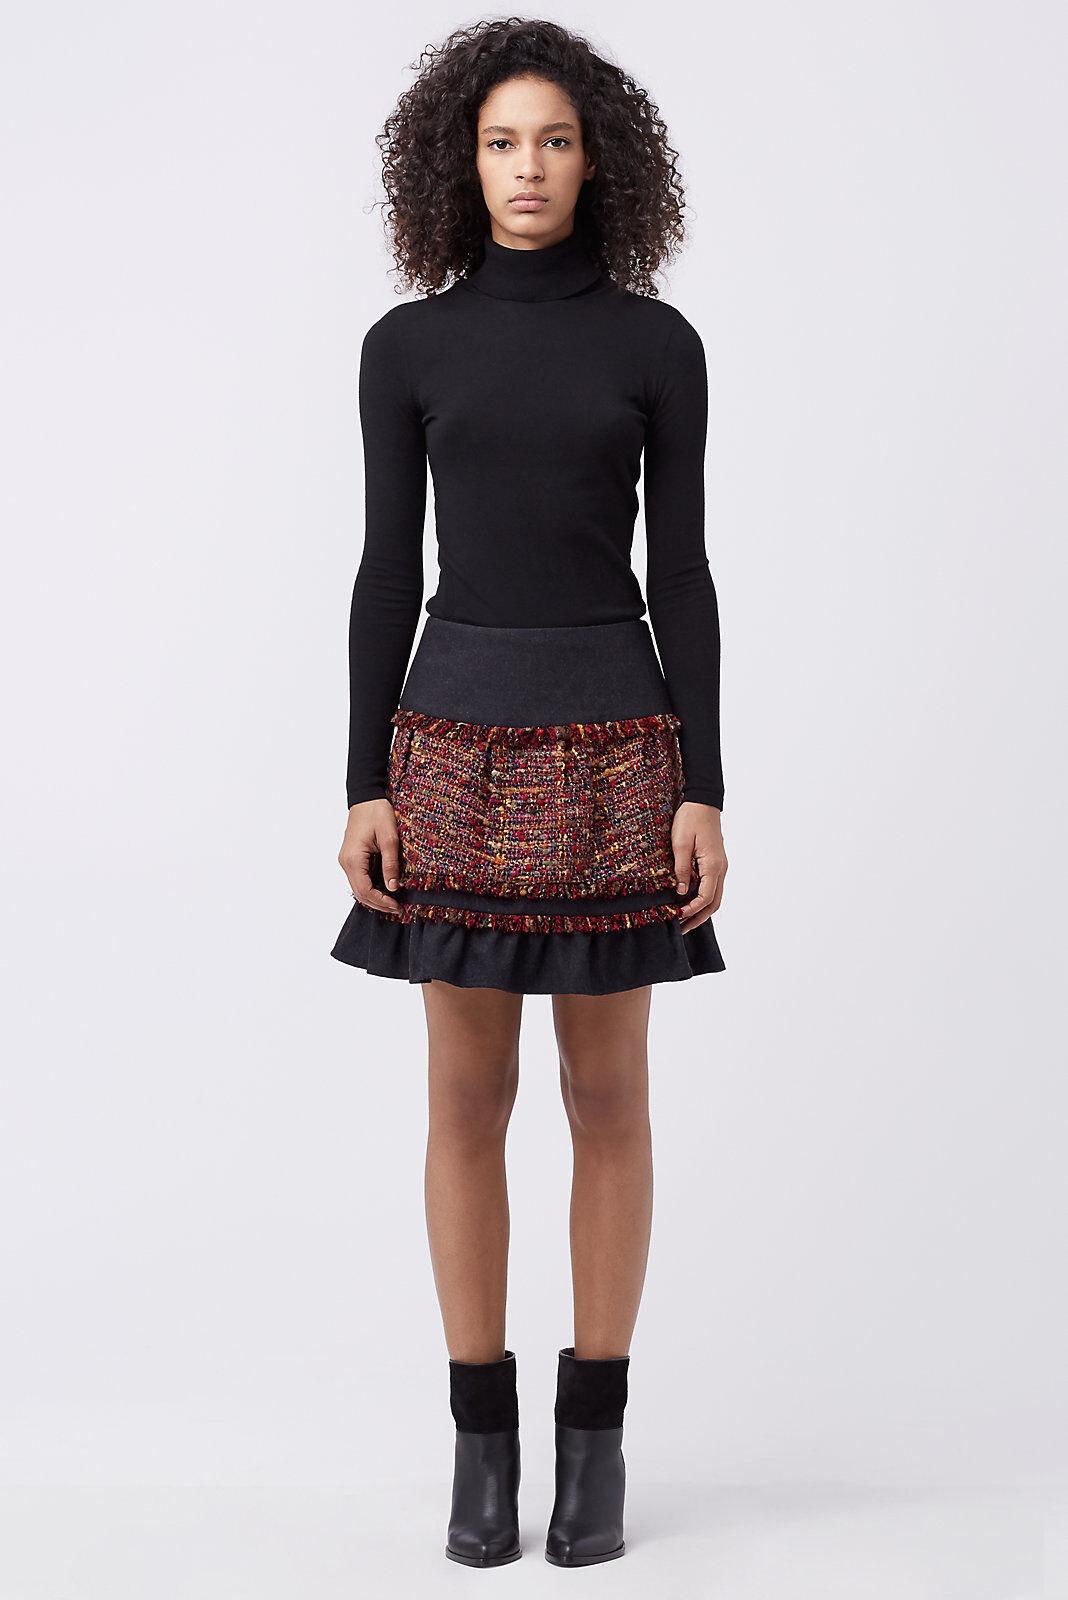 NWT Diane von Furstenberg Keely Tweed Skirt  398 – 2, 6, 8, 10, 12, 14